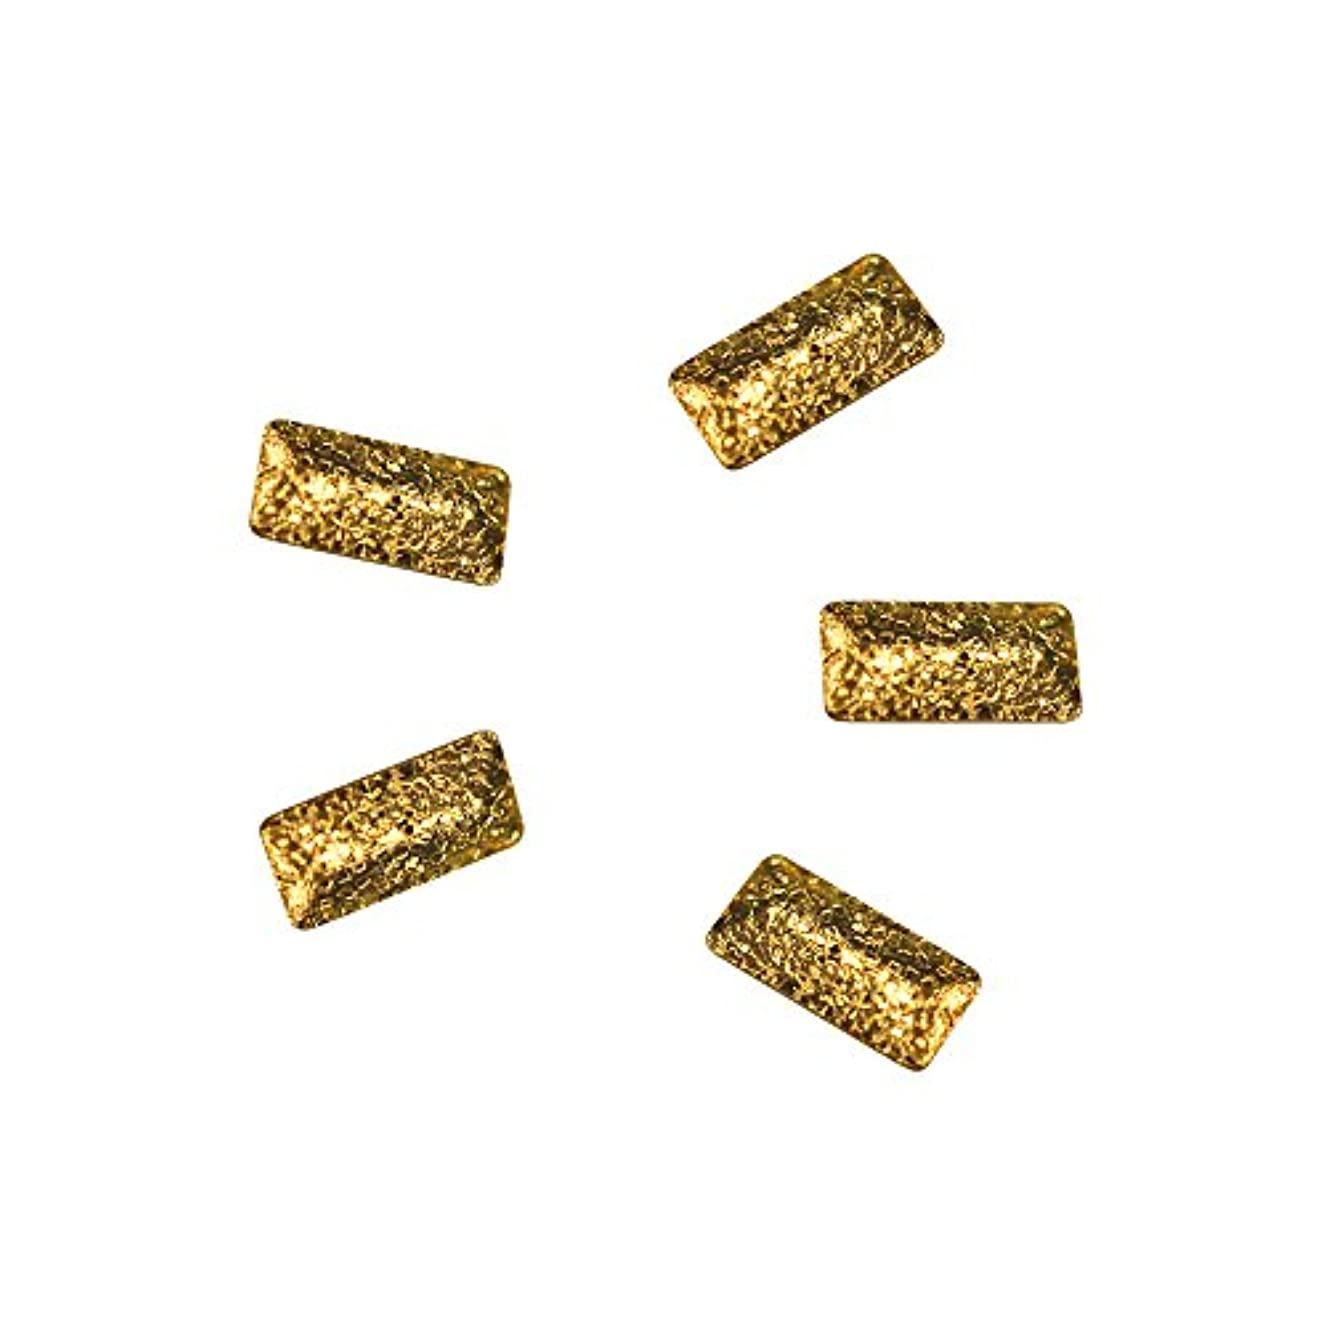 独立して品テクニカルBonnail ラフスタッズゴールド レクタングル 3×1.2mm 30P